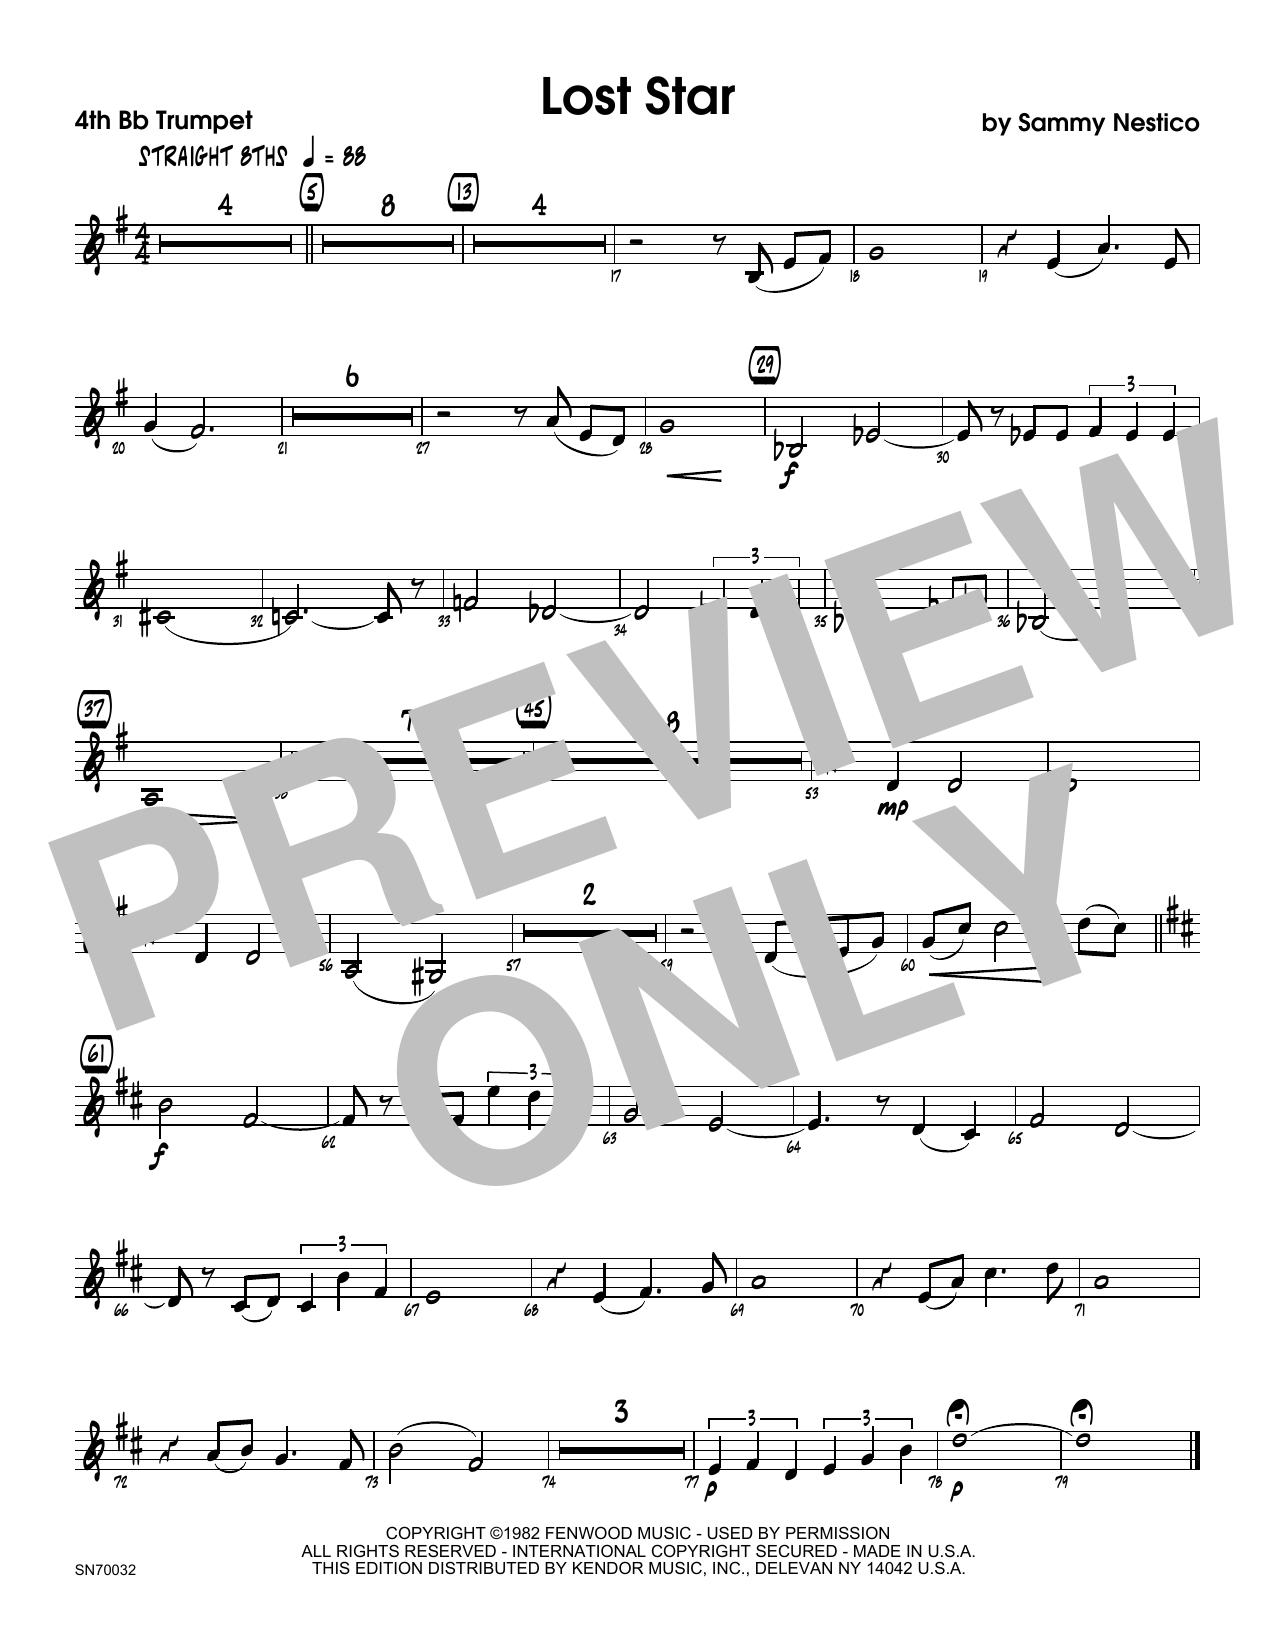 Lost Star - 4th Bb Trumpet Sheet Music